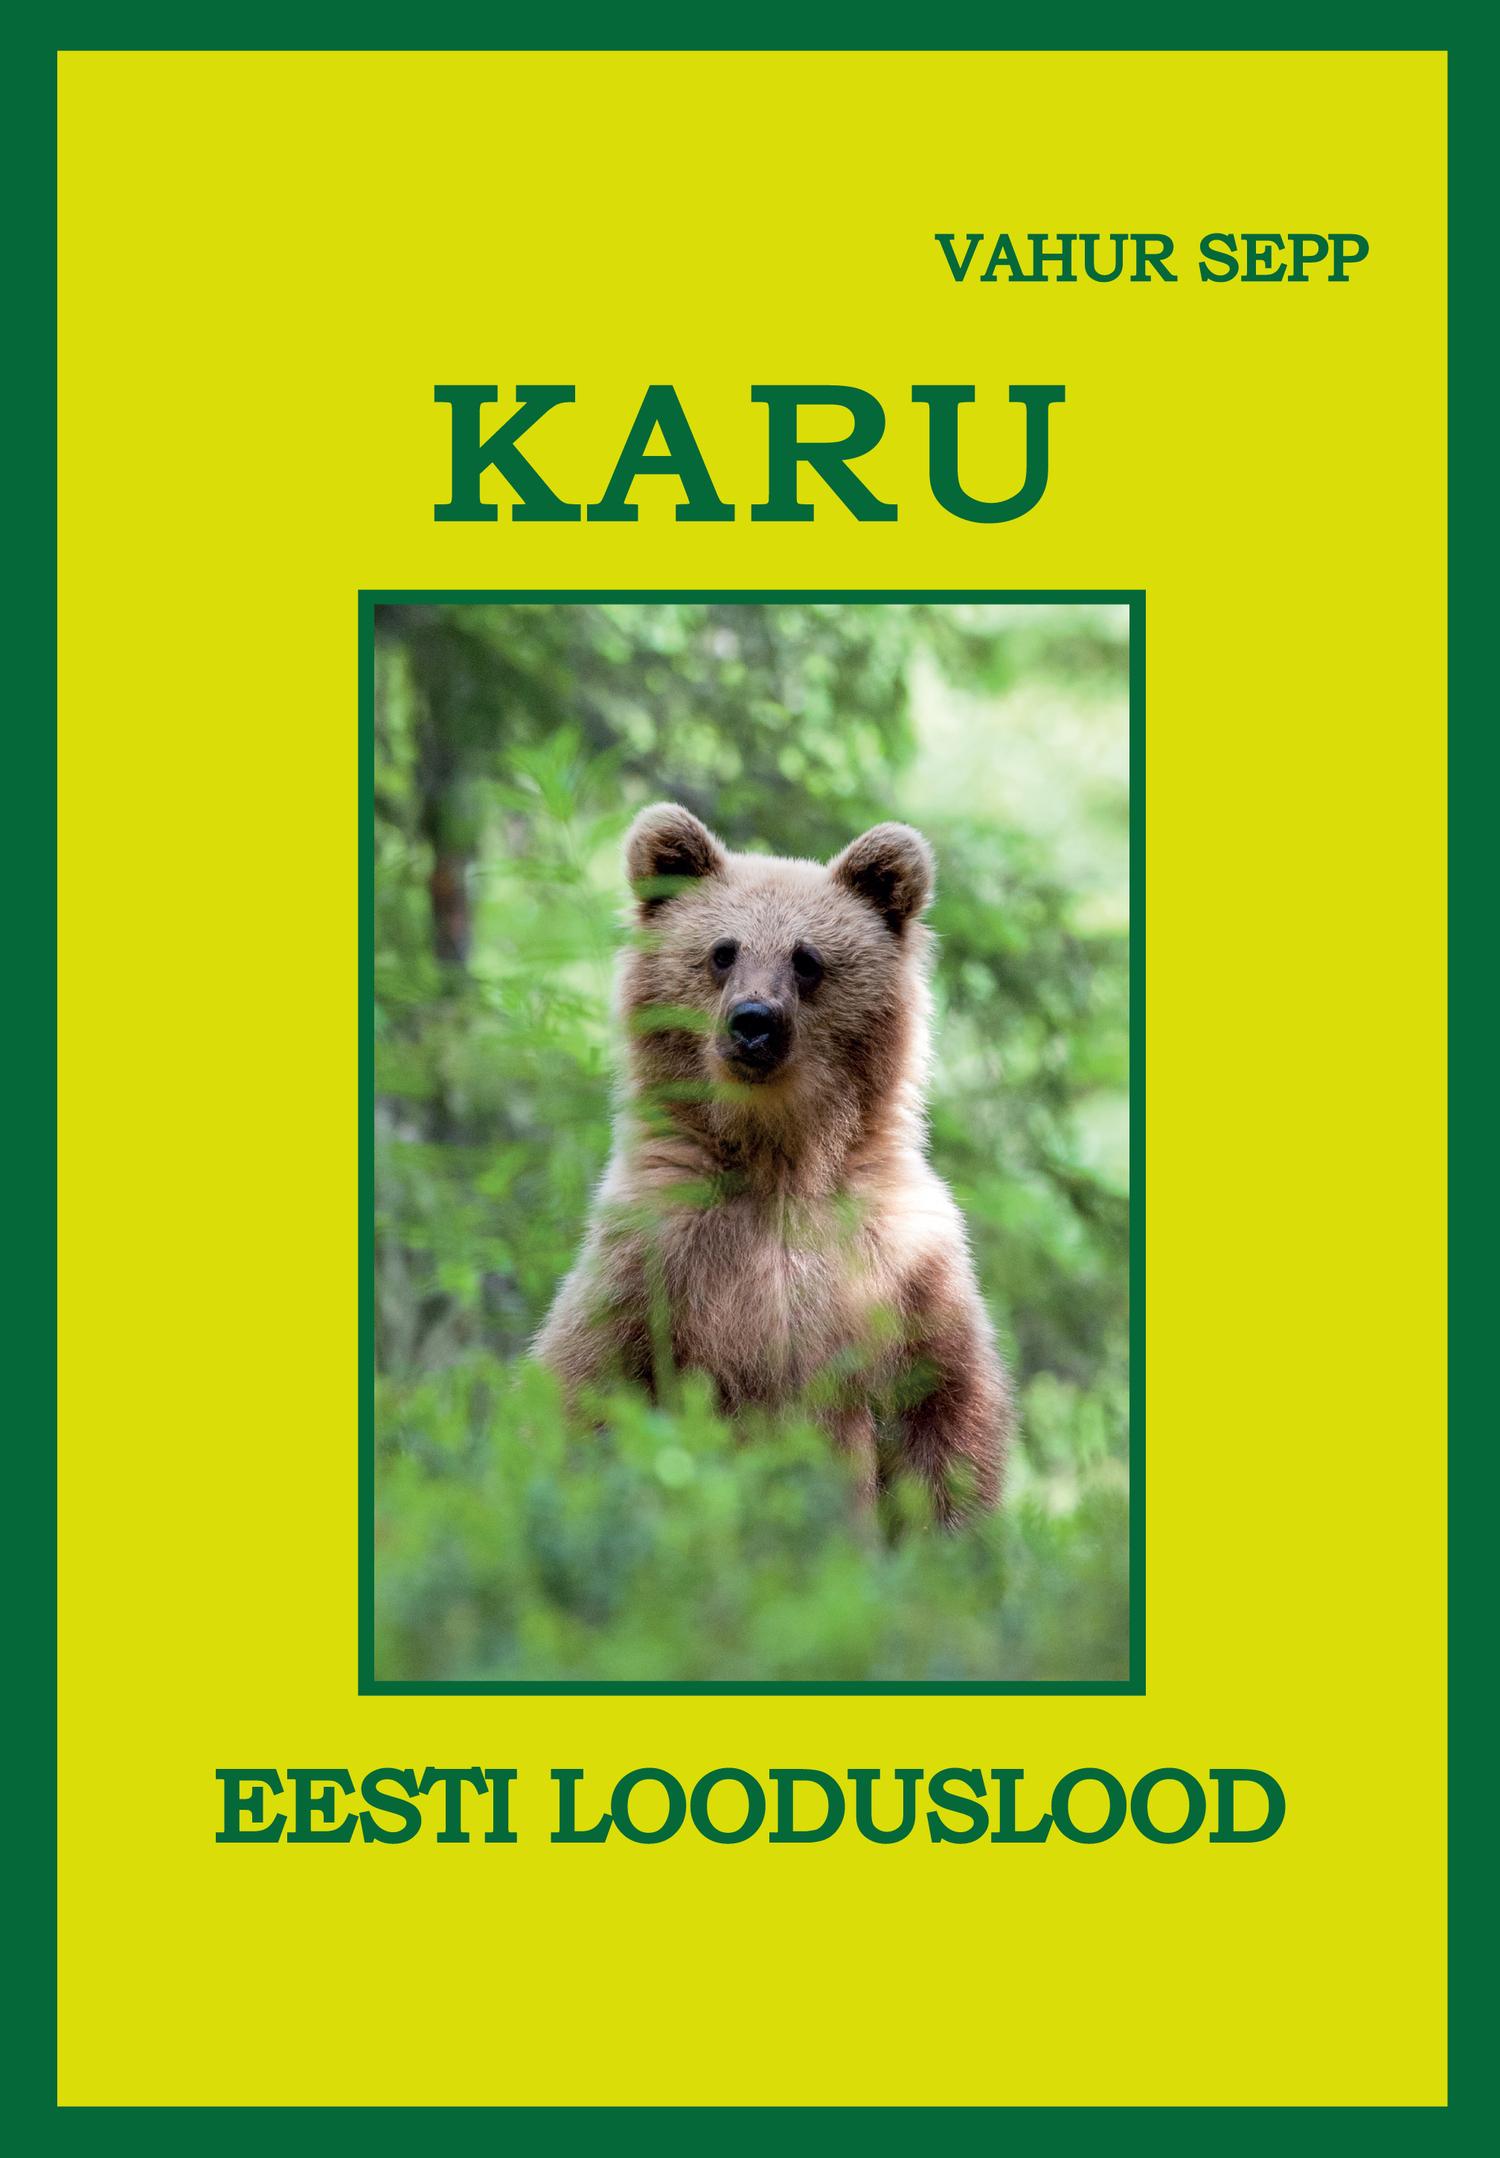 Vahur Sepp Karu.Eesti looduslood ene sepp väike roosa pilet paradiisi